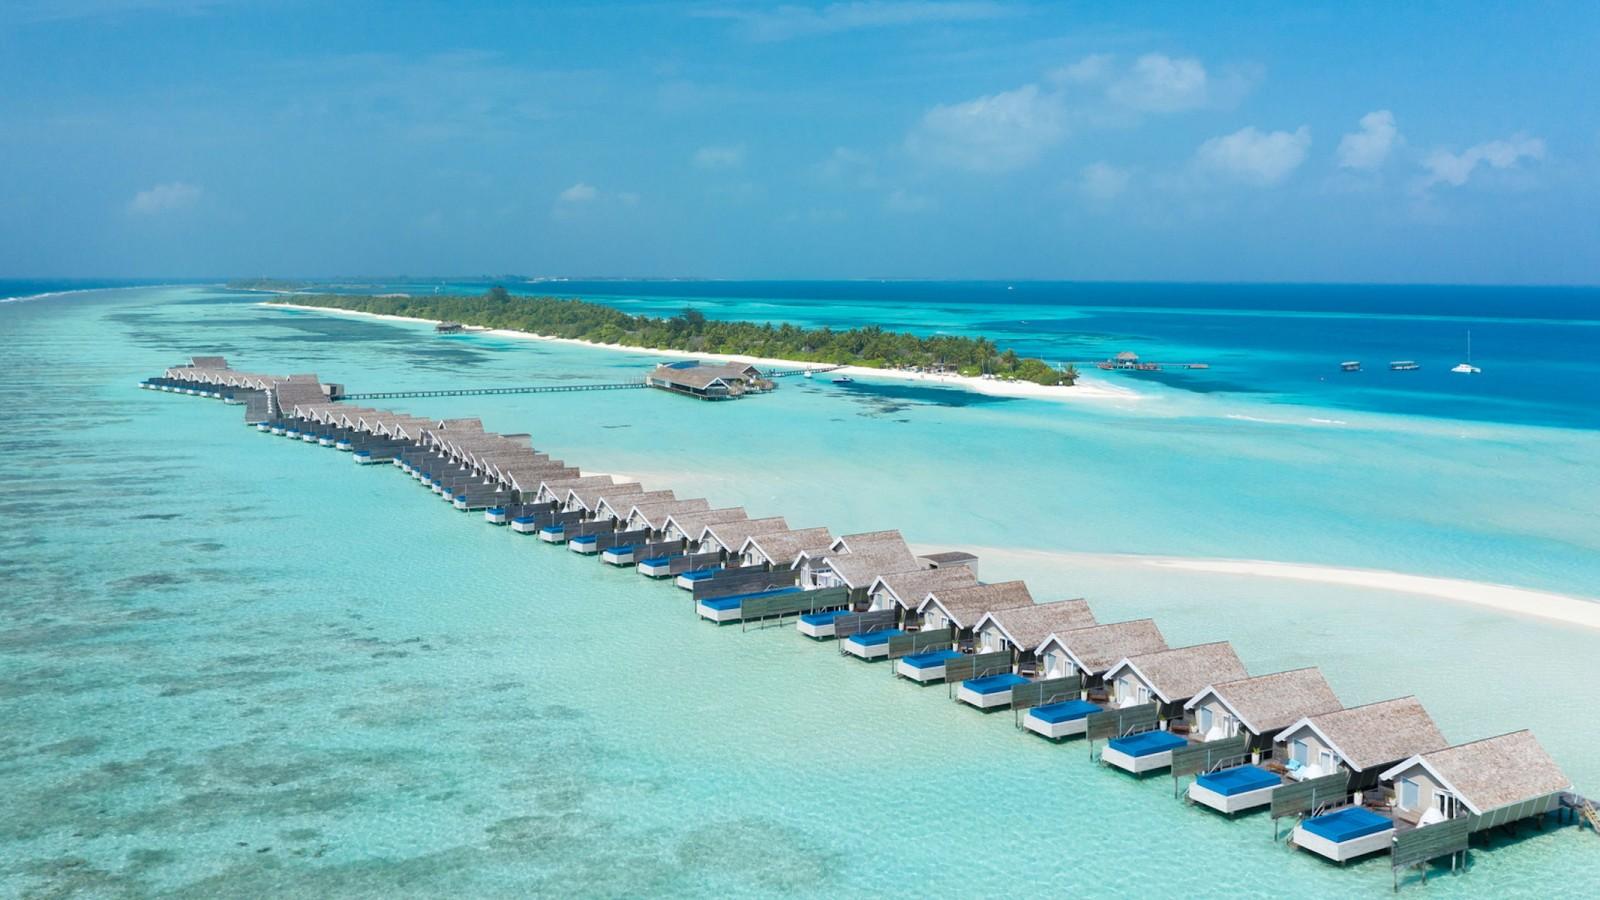 LUX South Ari Atoll Ariel View